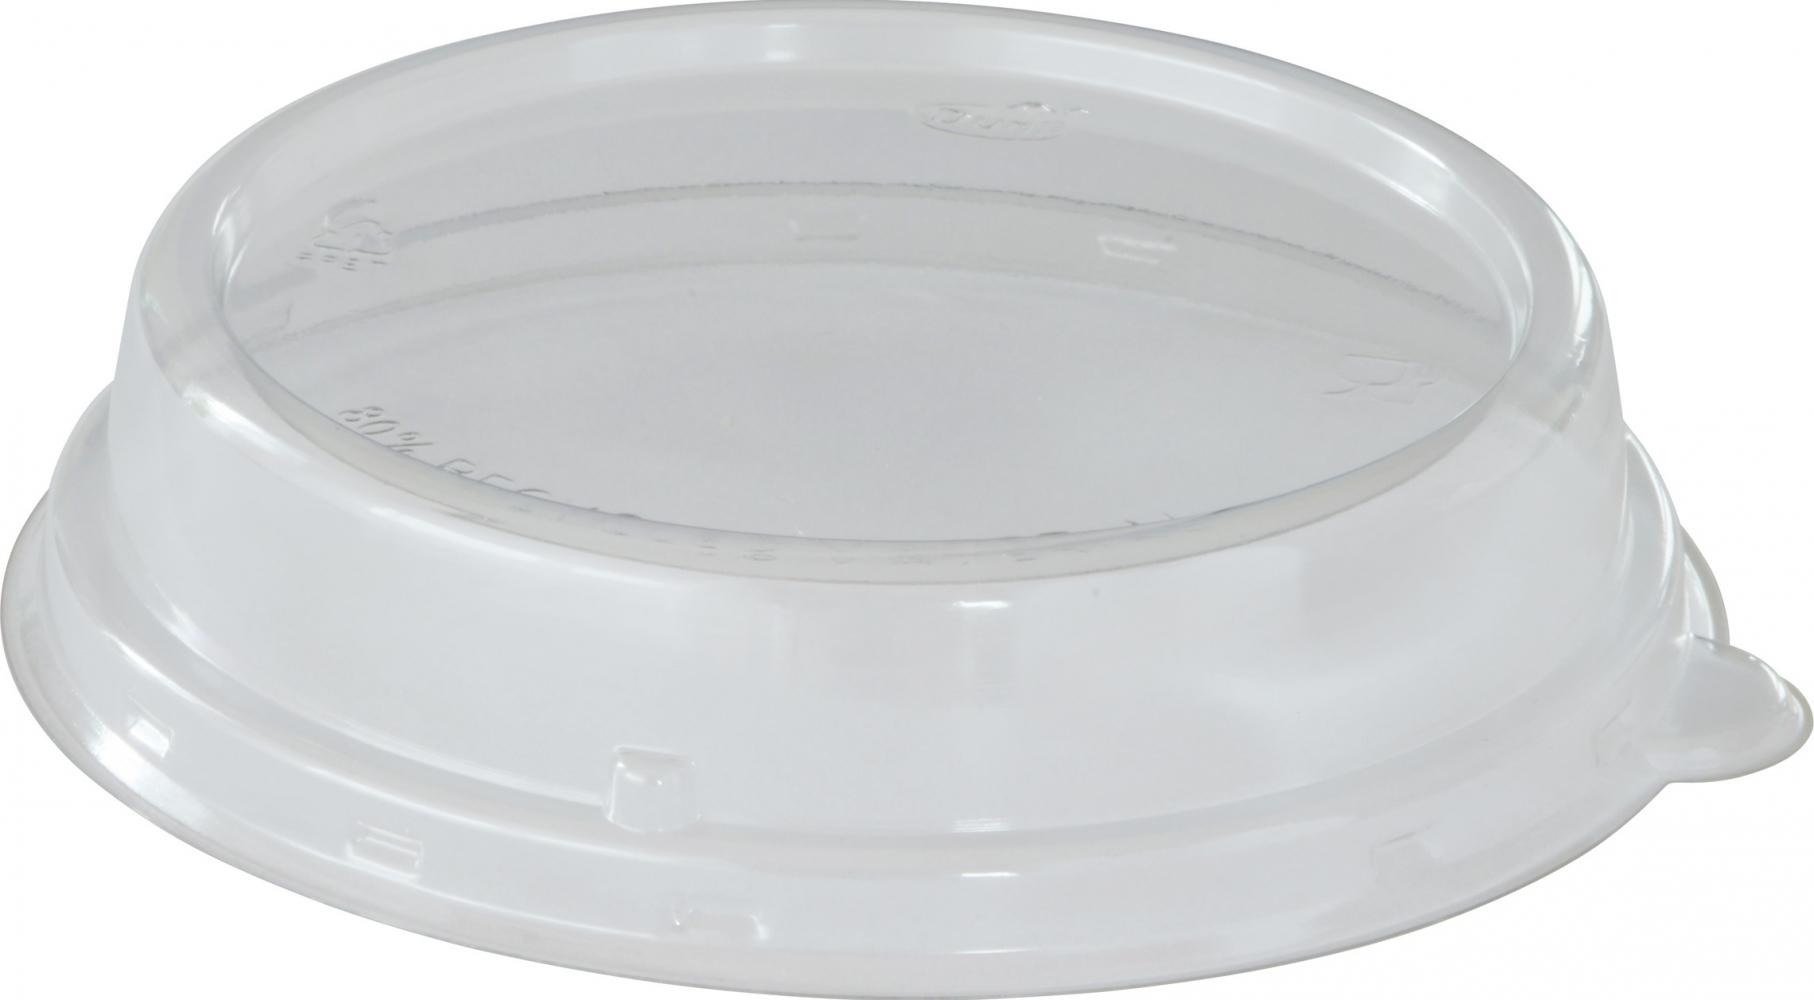 coperchio trasparente in Rpet per ciotole e insalatiere per alimenti take away